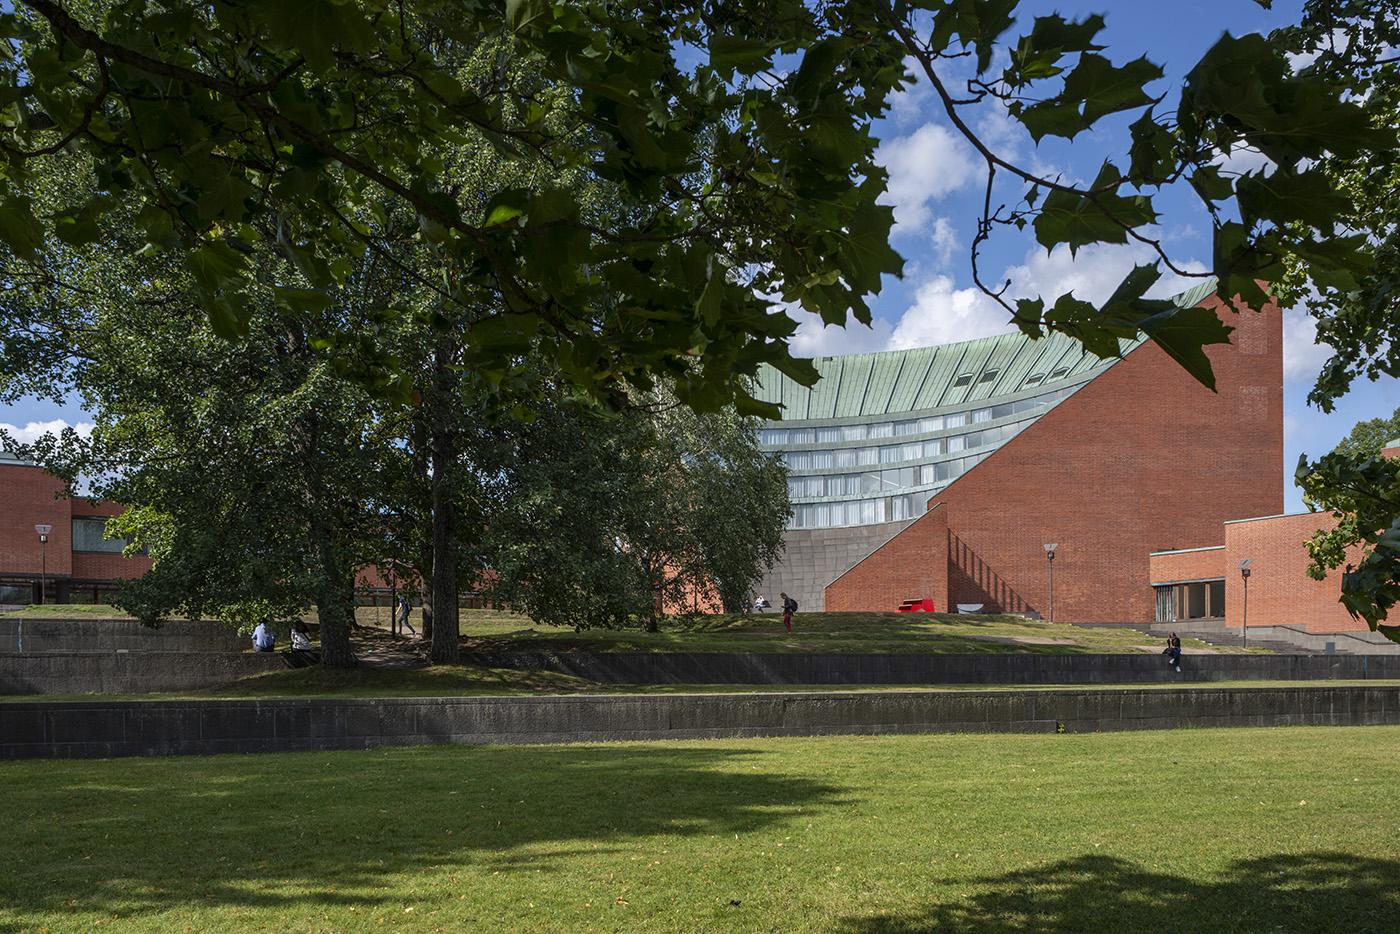 Kesäinen värikuva avaa vehreän näkymän Alvar Aallon yliopistokampukselle Otaniemessä